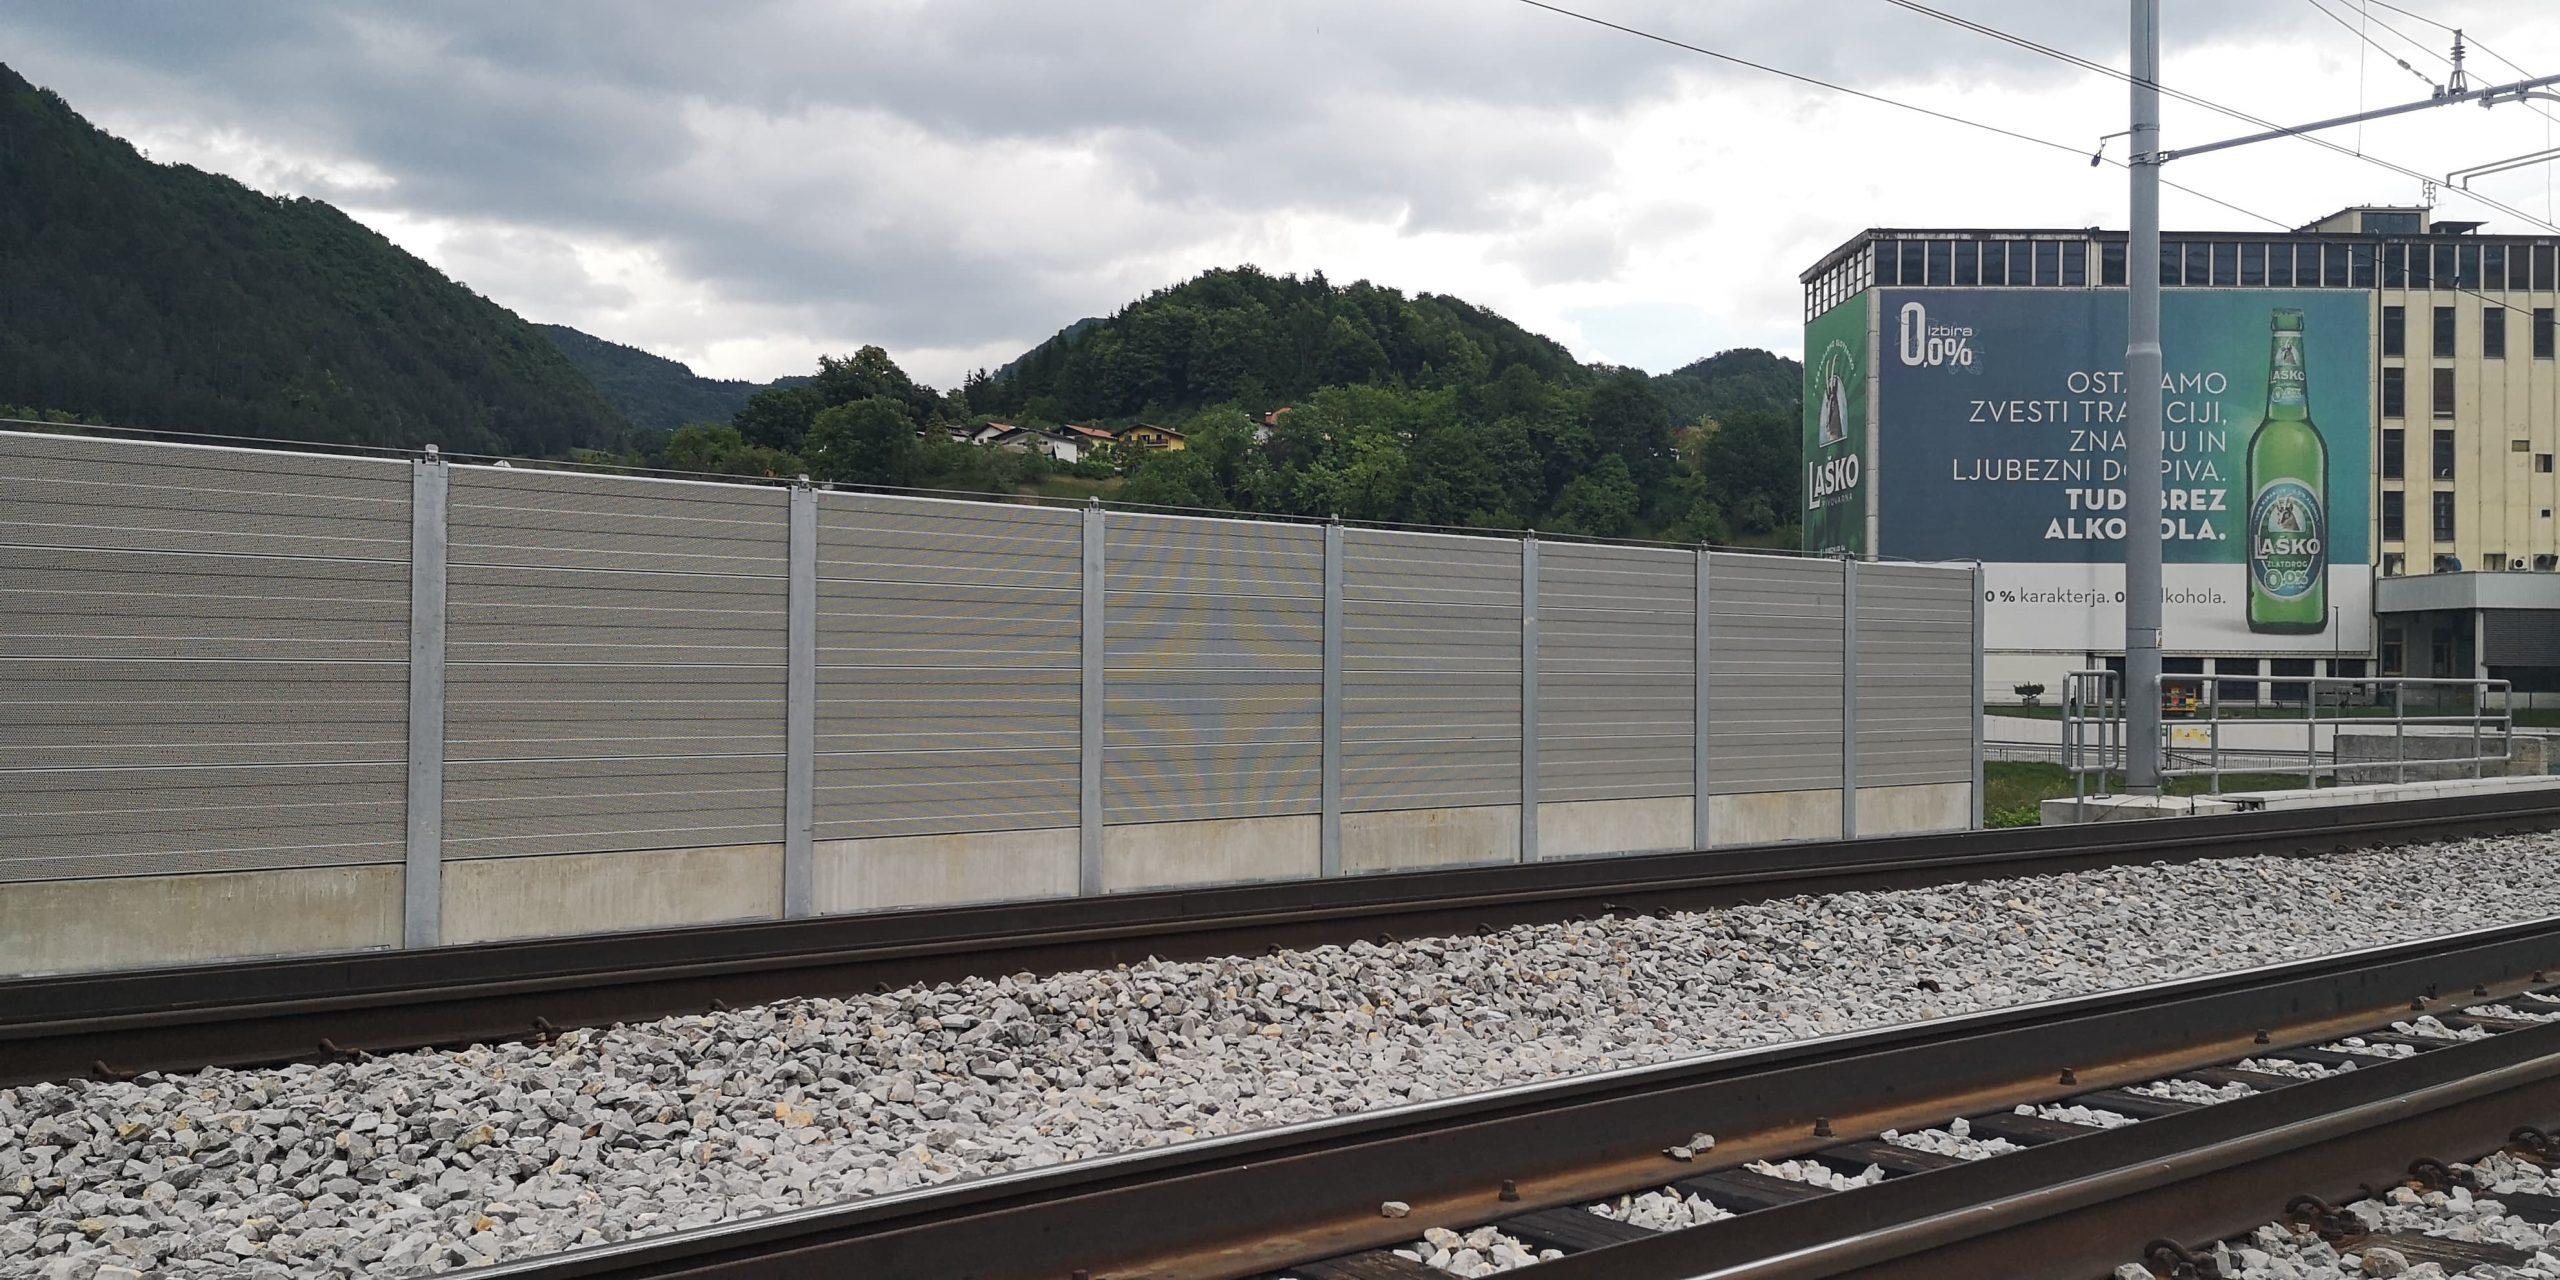 Prometni hrup Zidani Most-Celje slika34